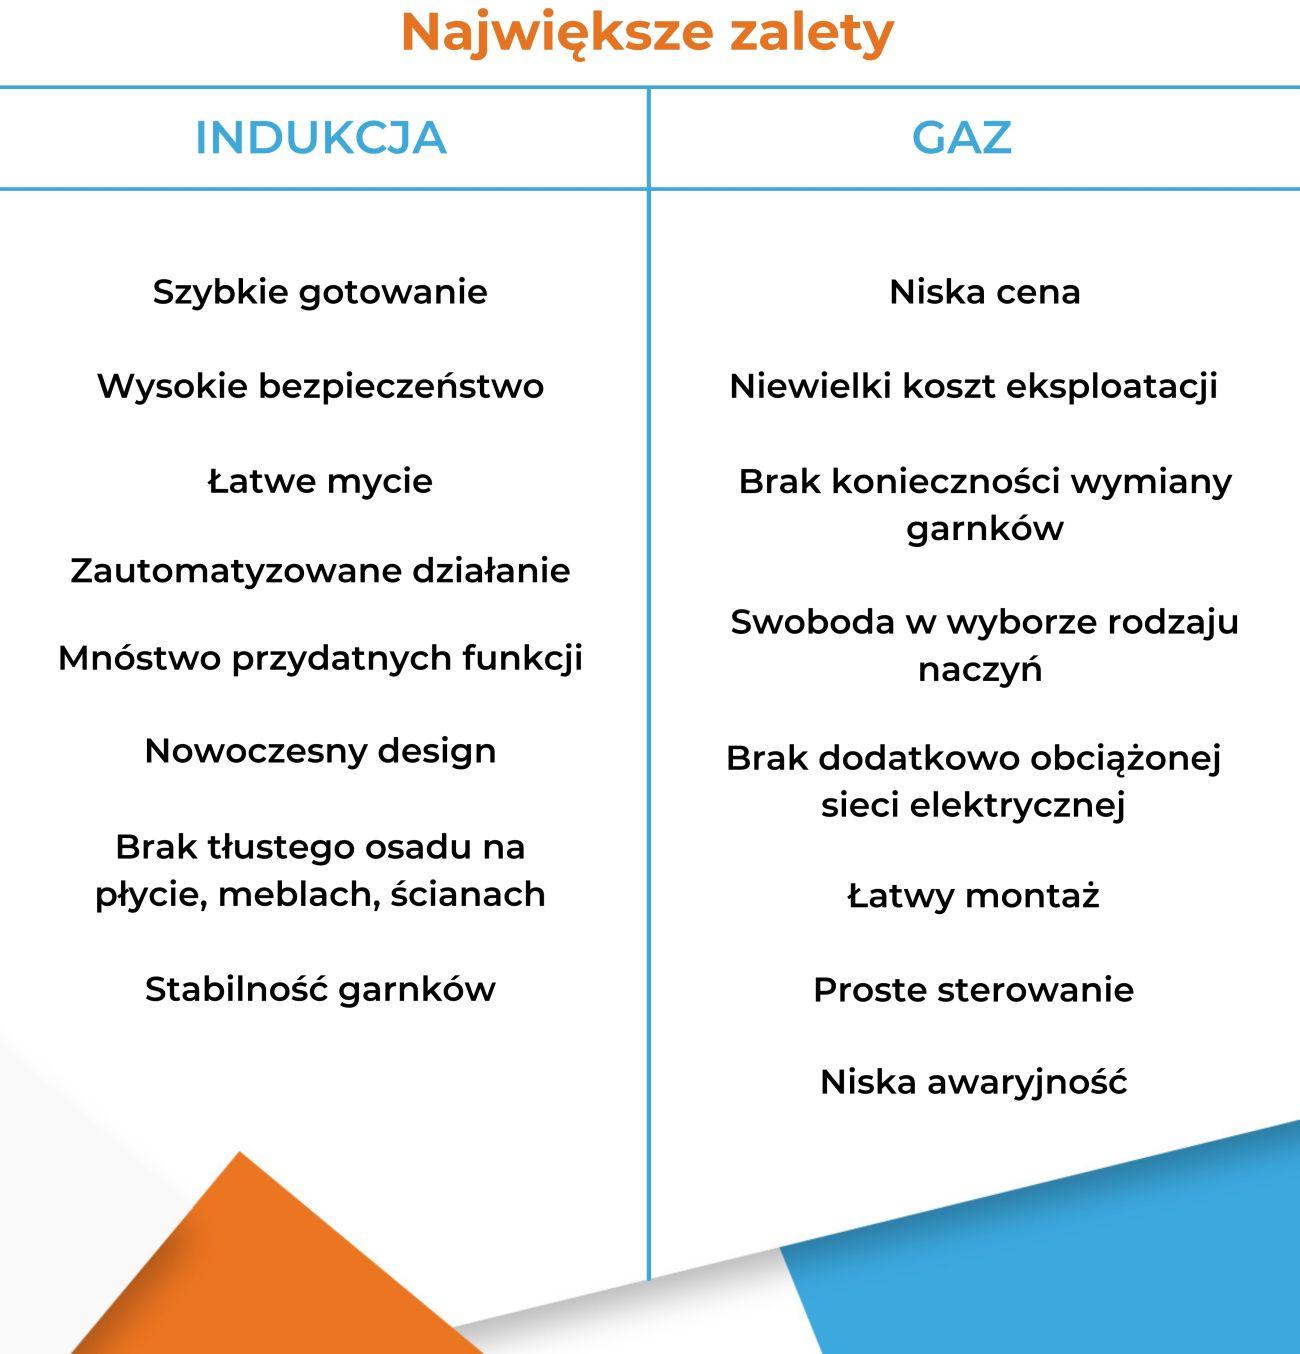 Indukcja czy gaz - Zalety - Infografika